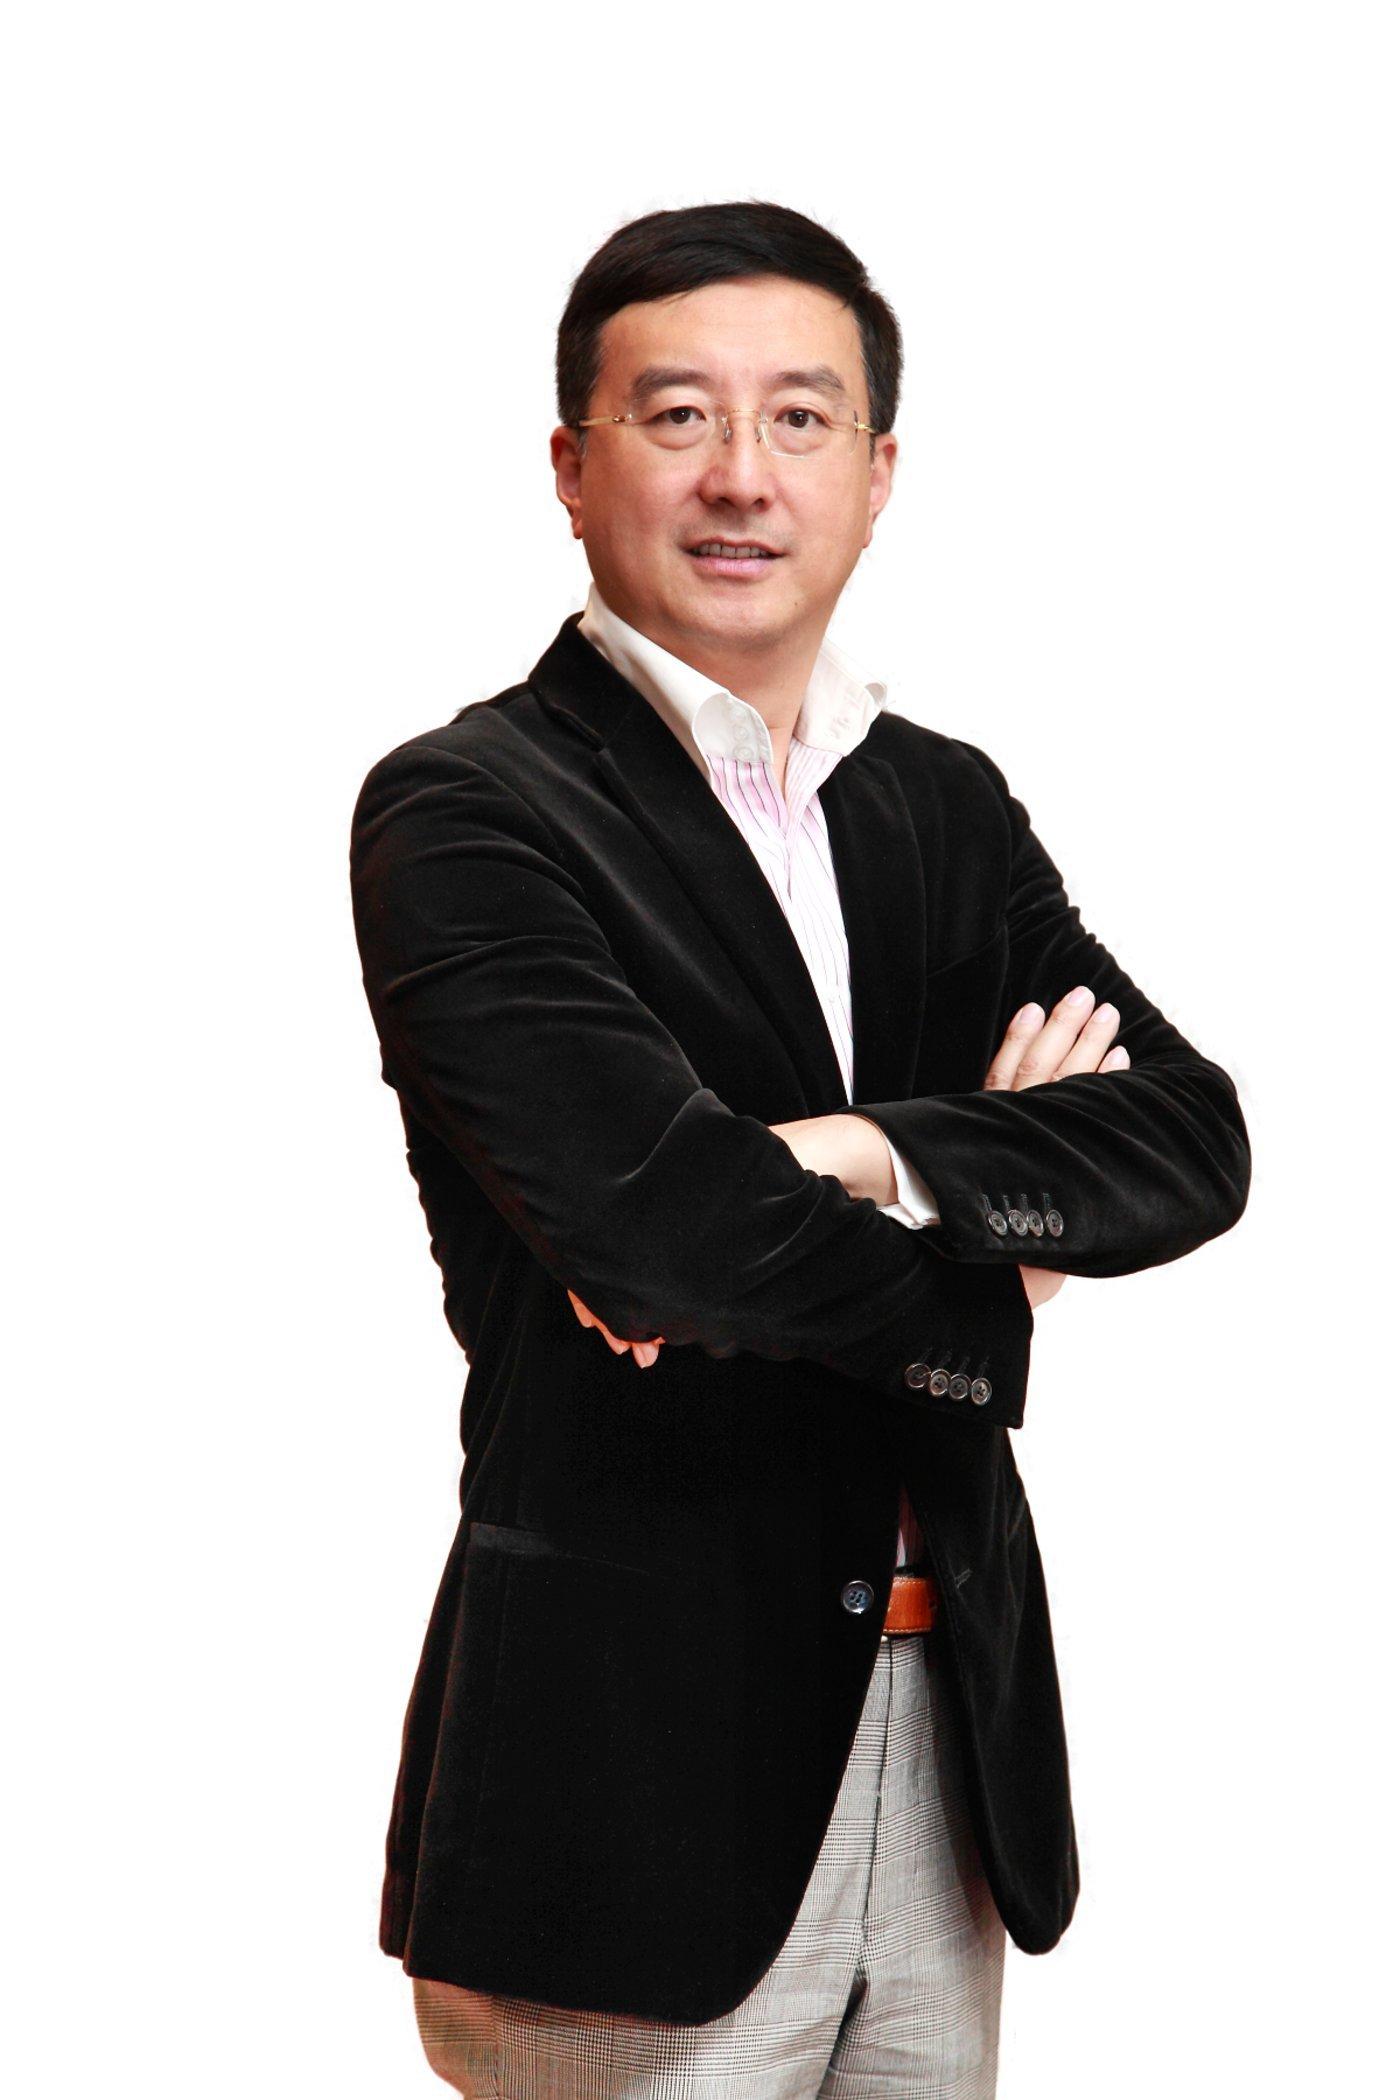 钛媒体联合创始人&钛媒体首席研究官 万宁